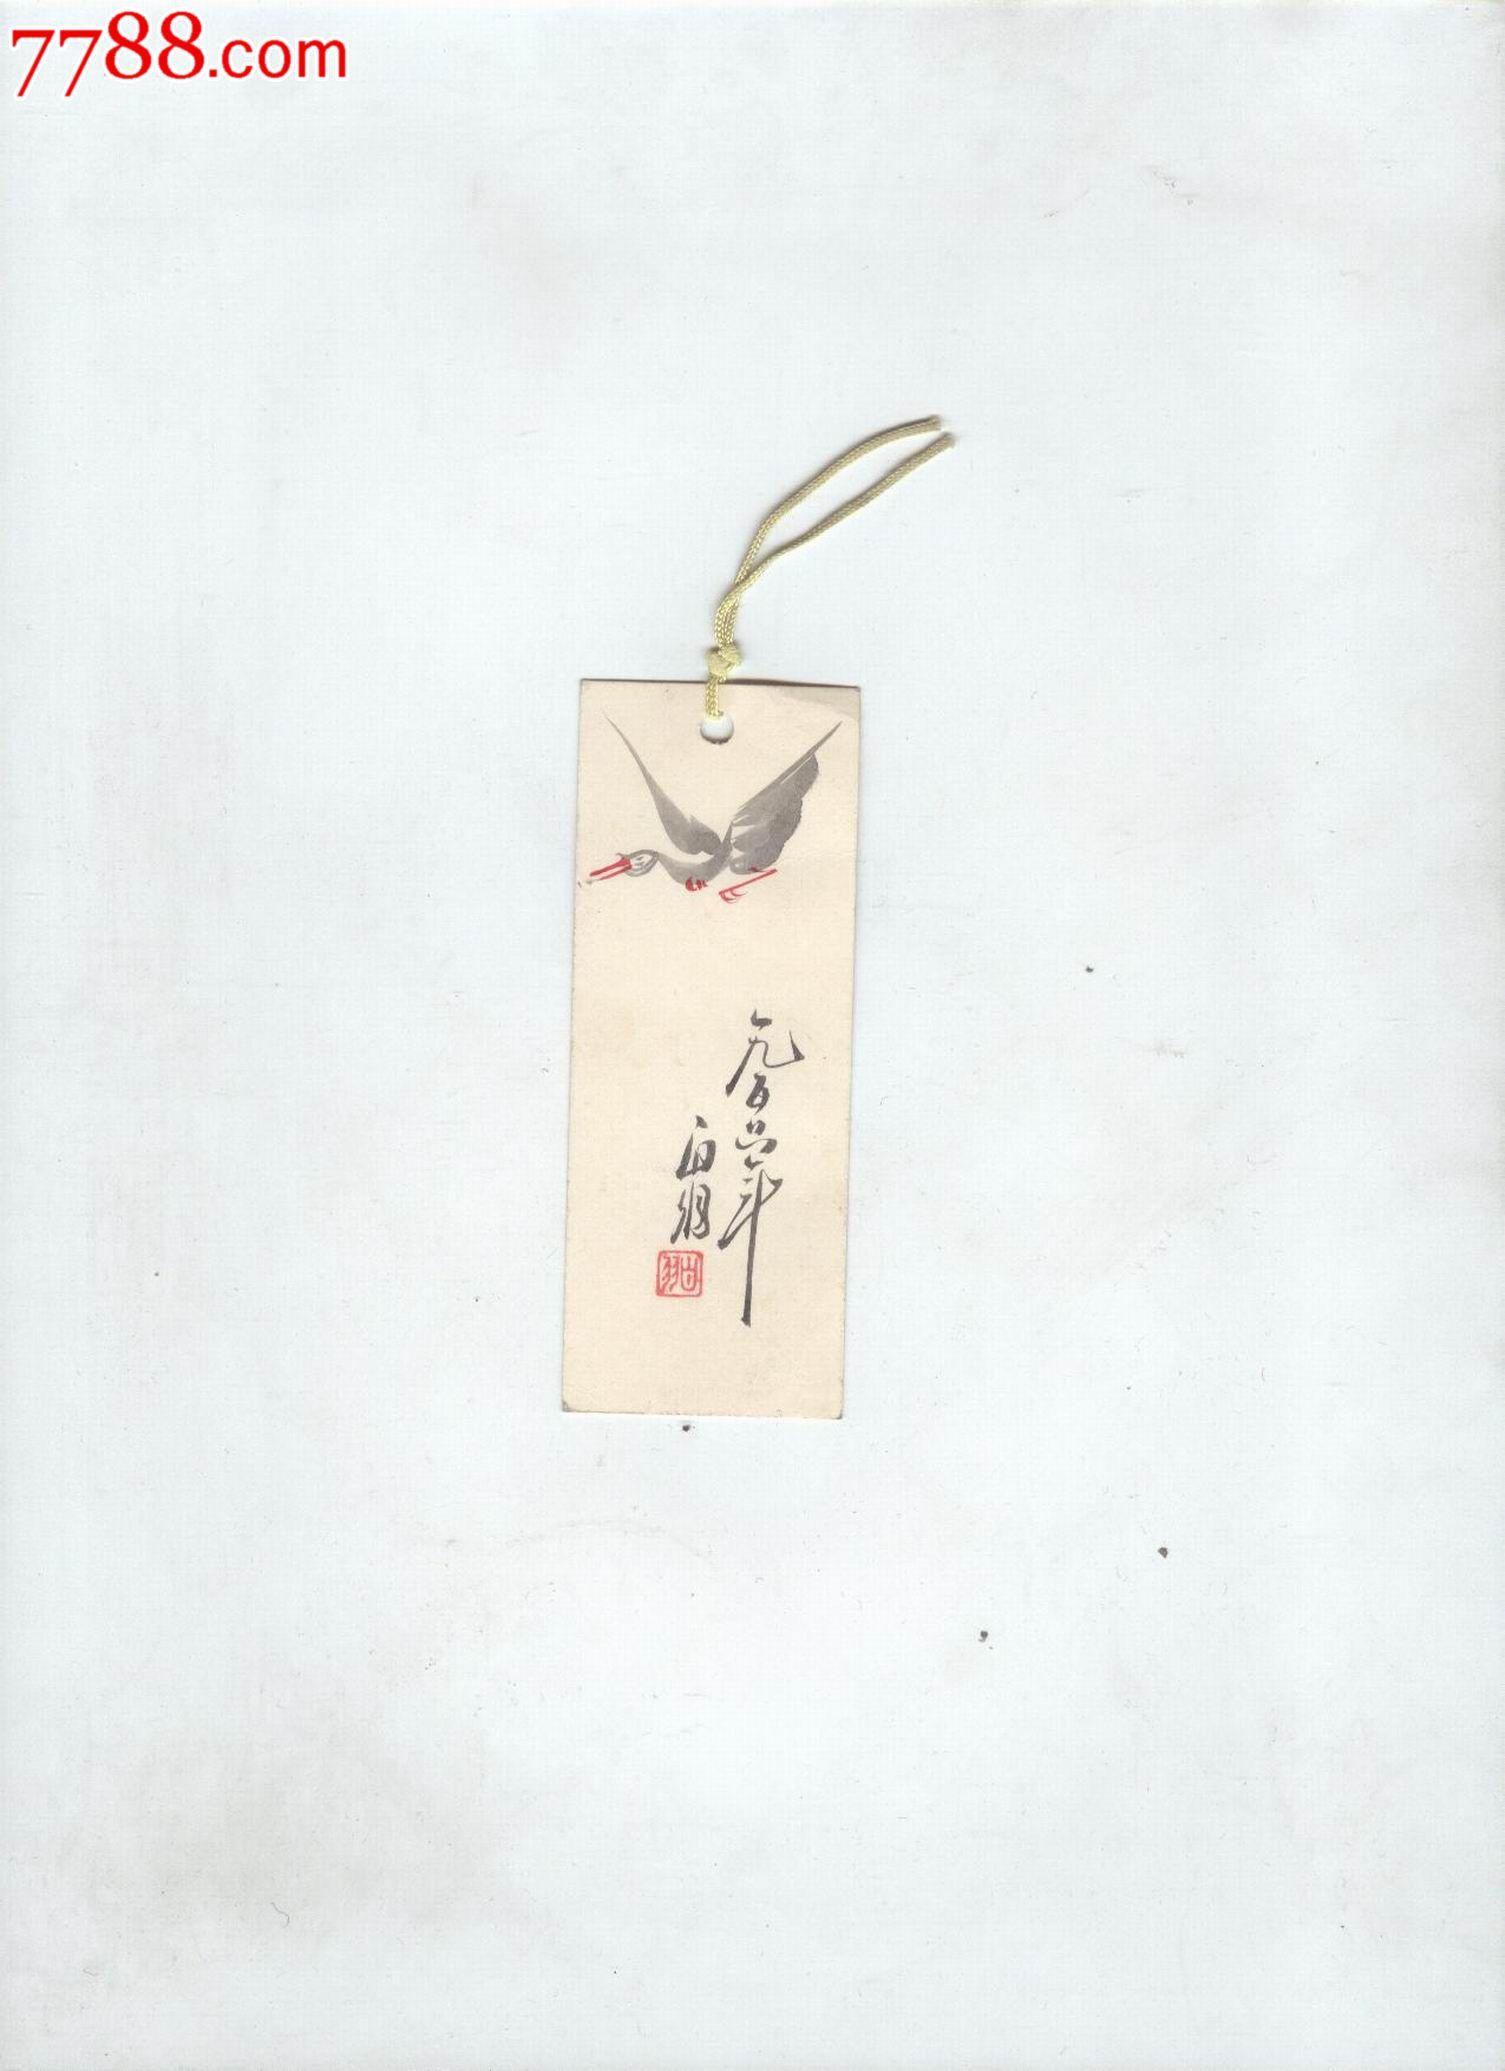 手绘书签_价格50元【收藏过去】